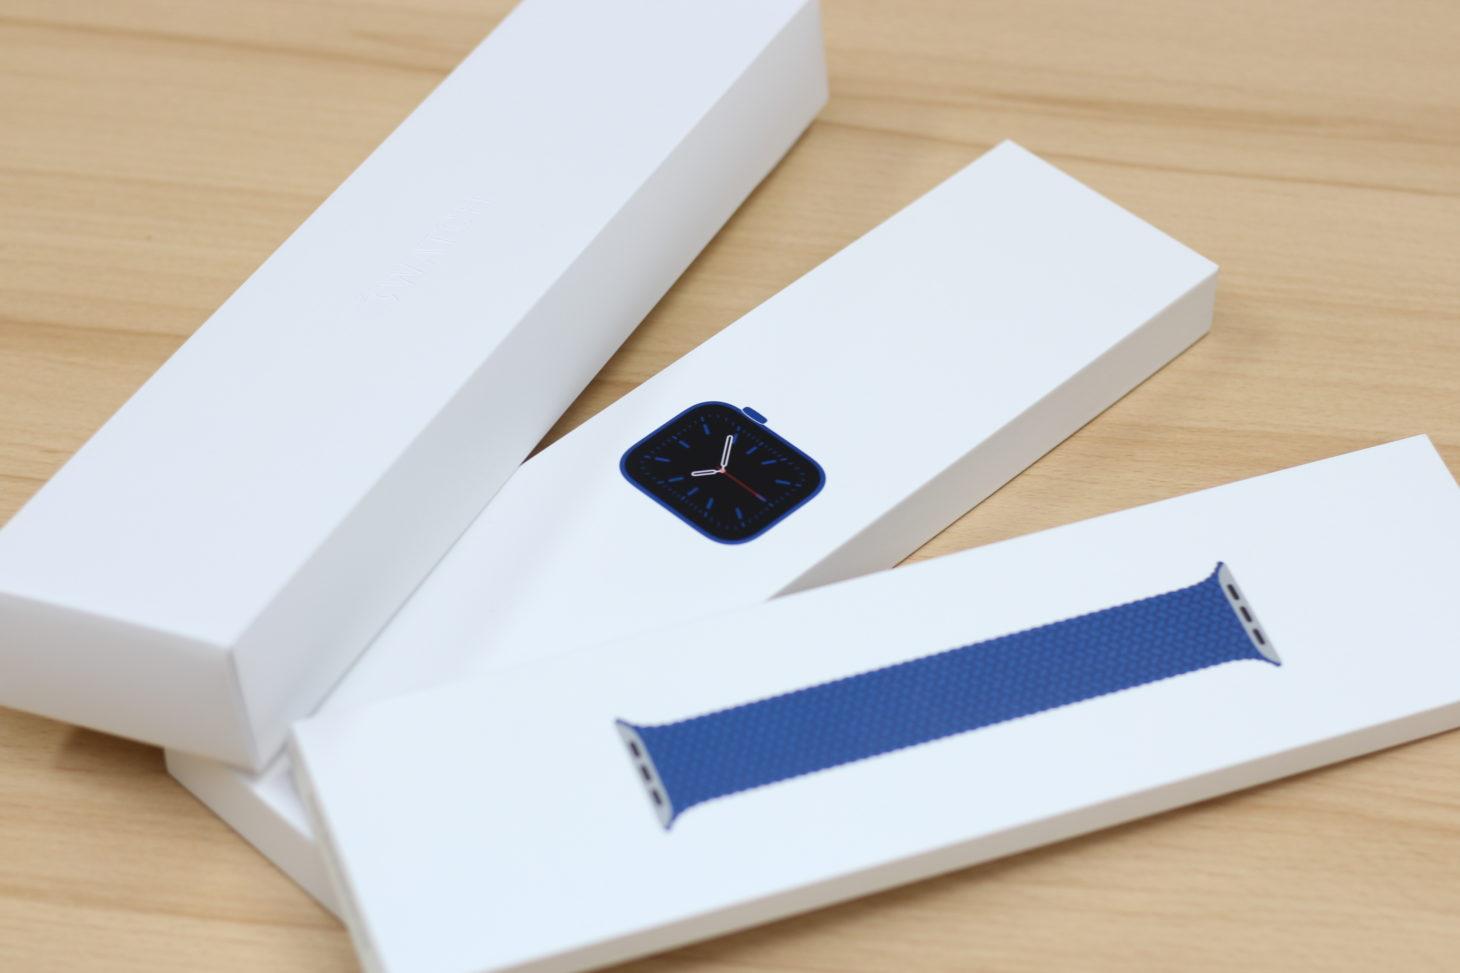 Apple Watch Series 6を発売初日にApple Storeに並んで購入! 新色ブルーとブレイデッドソロループの開封レポート